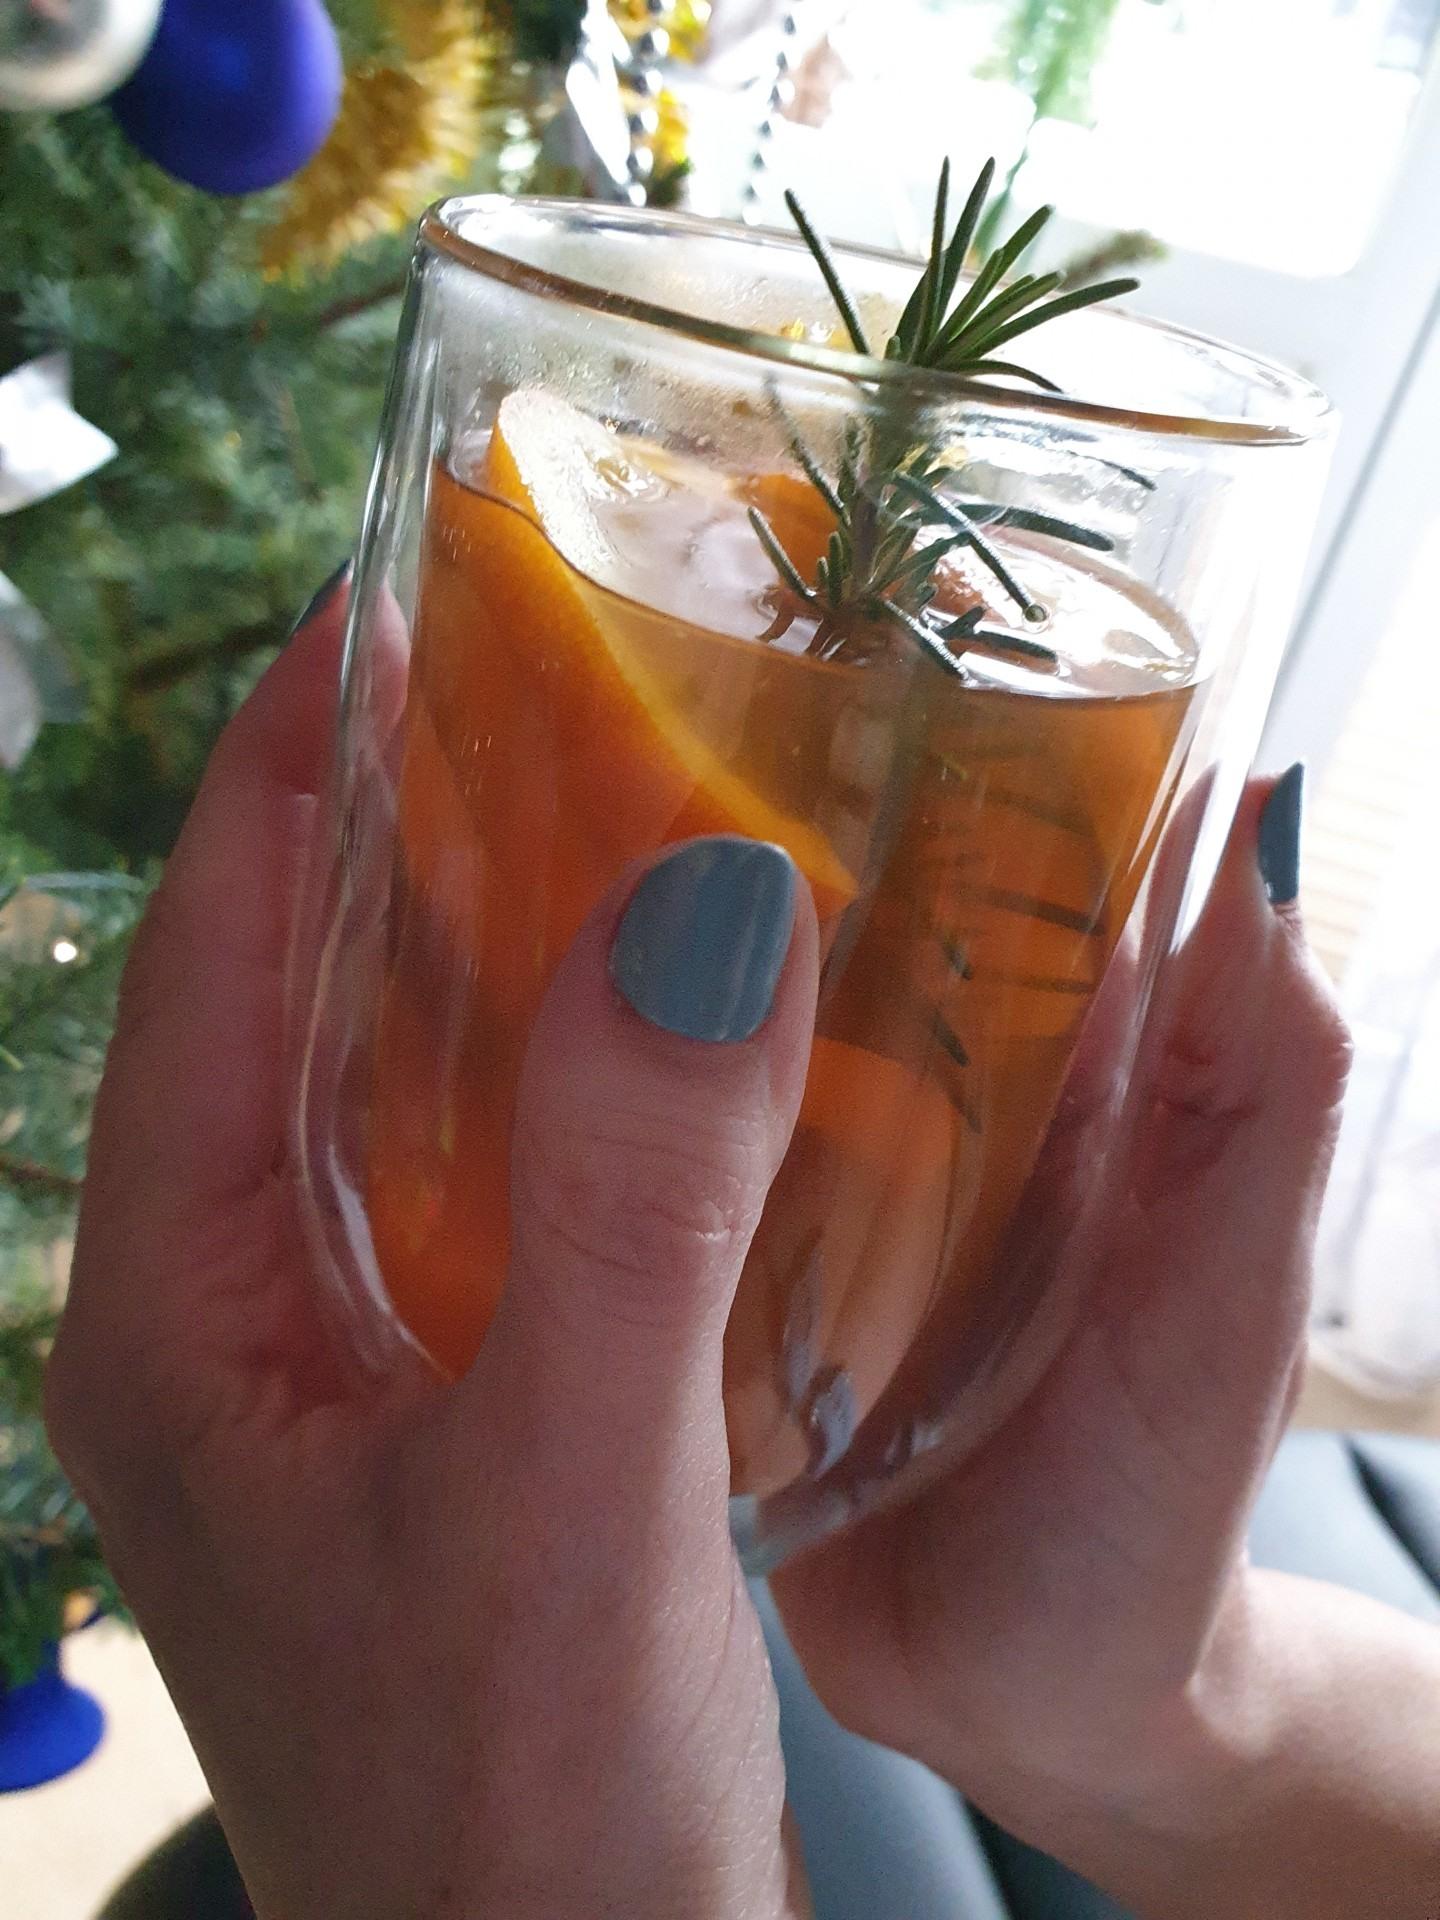 Poranna rozgrzewka herbatą z rozmarynem, po komfortowym noclegu w domkach nad Jeziorem Żywieckim